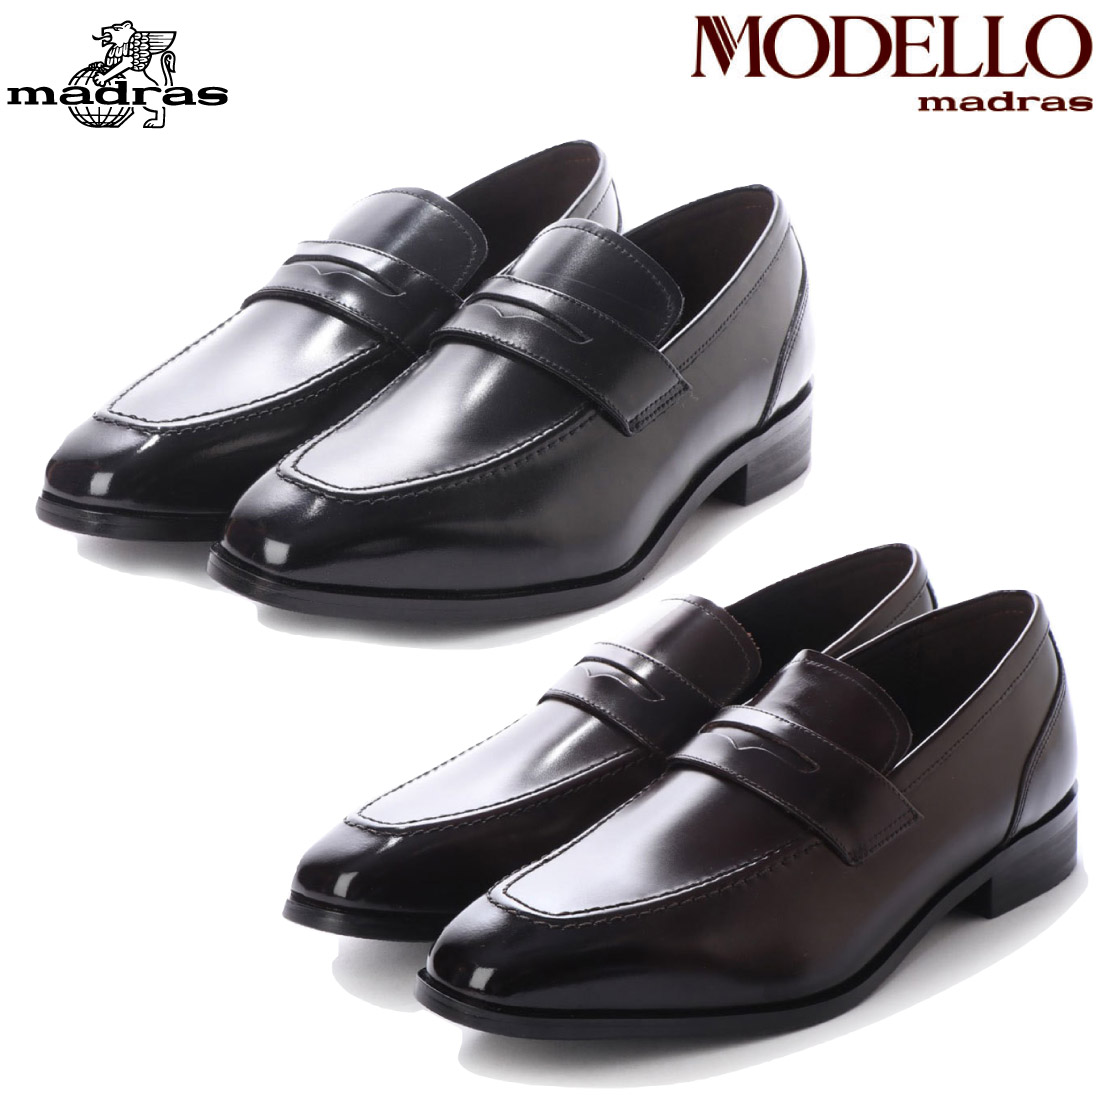 モデロ MODELLO ローファー ビジネスシューズ DM5127 マドラス 革靴 【nesh】 【新品】